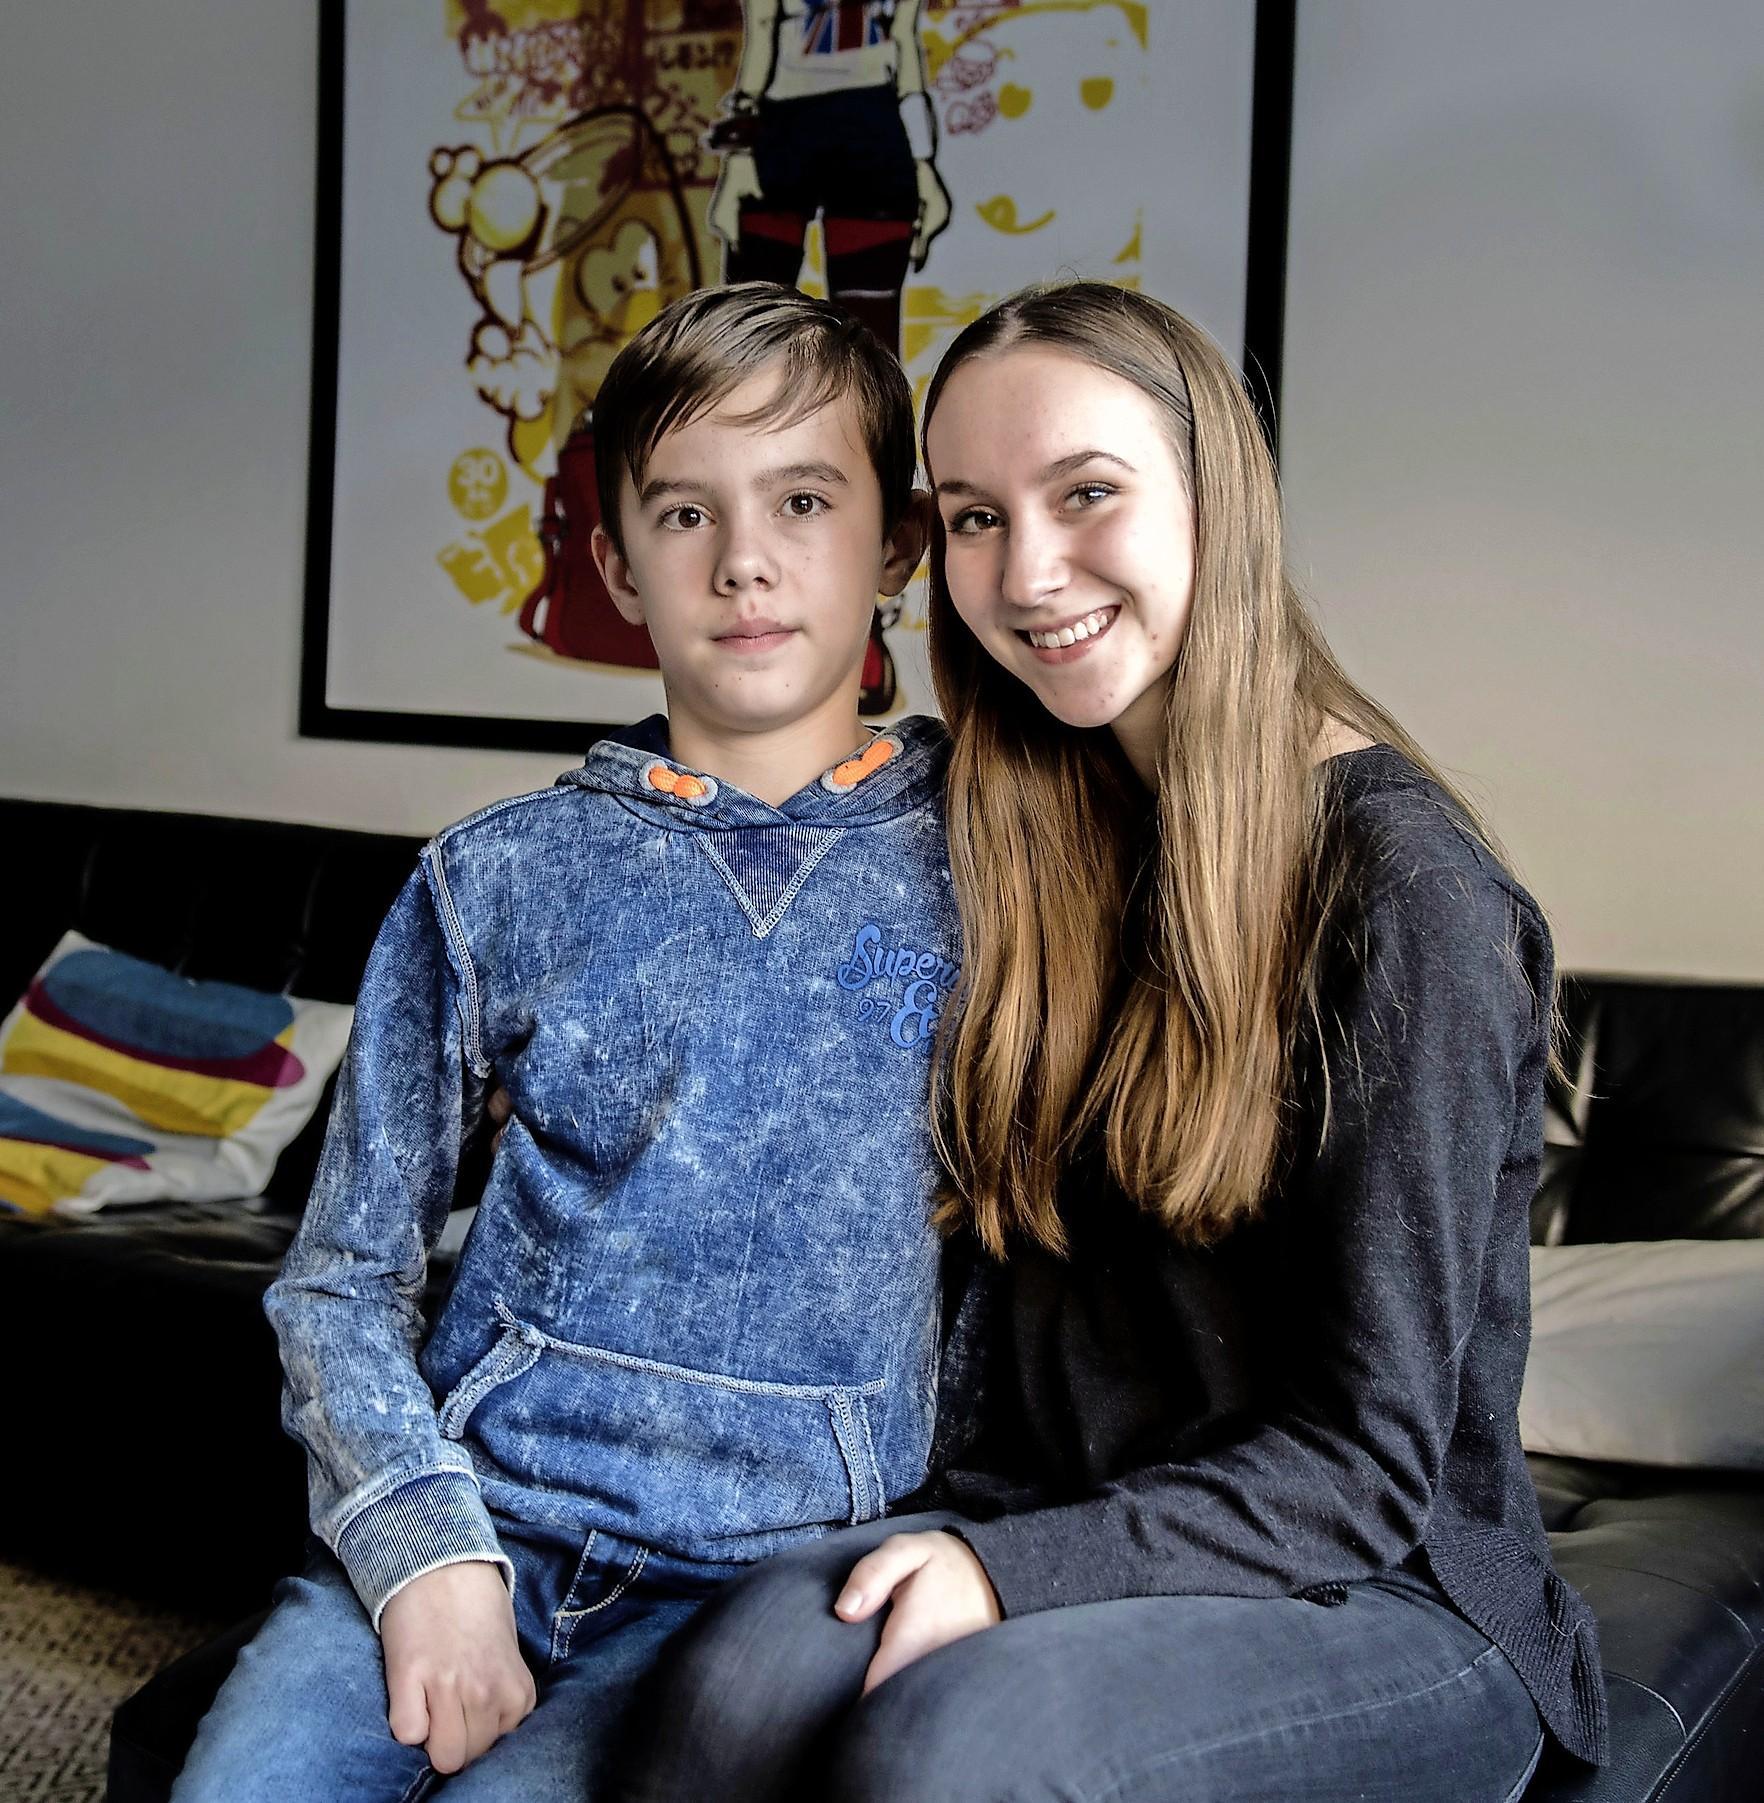 Lotte maakt documentaire over broertje Romijn: 'Hij is zoveel meer dan autist' [video]